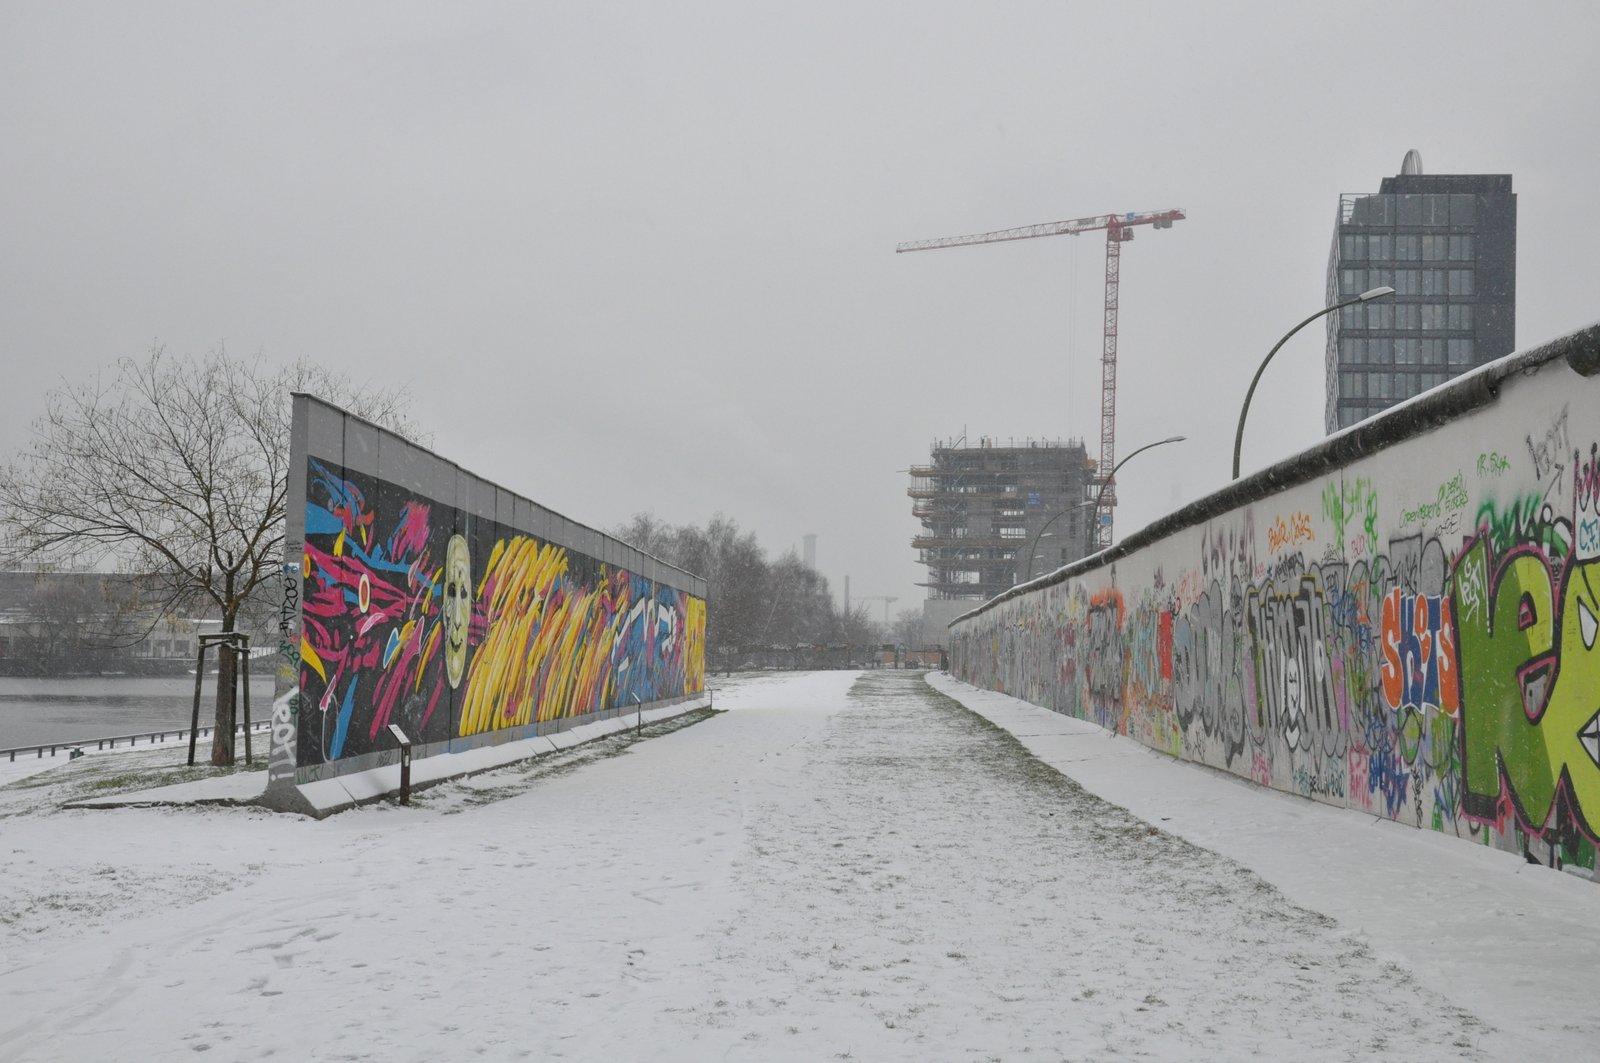 Parte de la East Side Gallery se trasladó detrás de la Pared para un proyecto inmobiliario